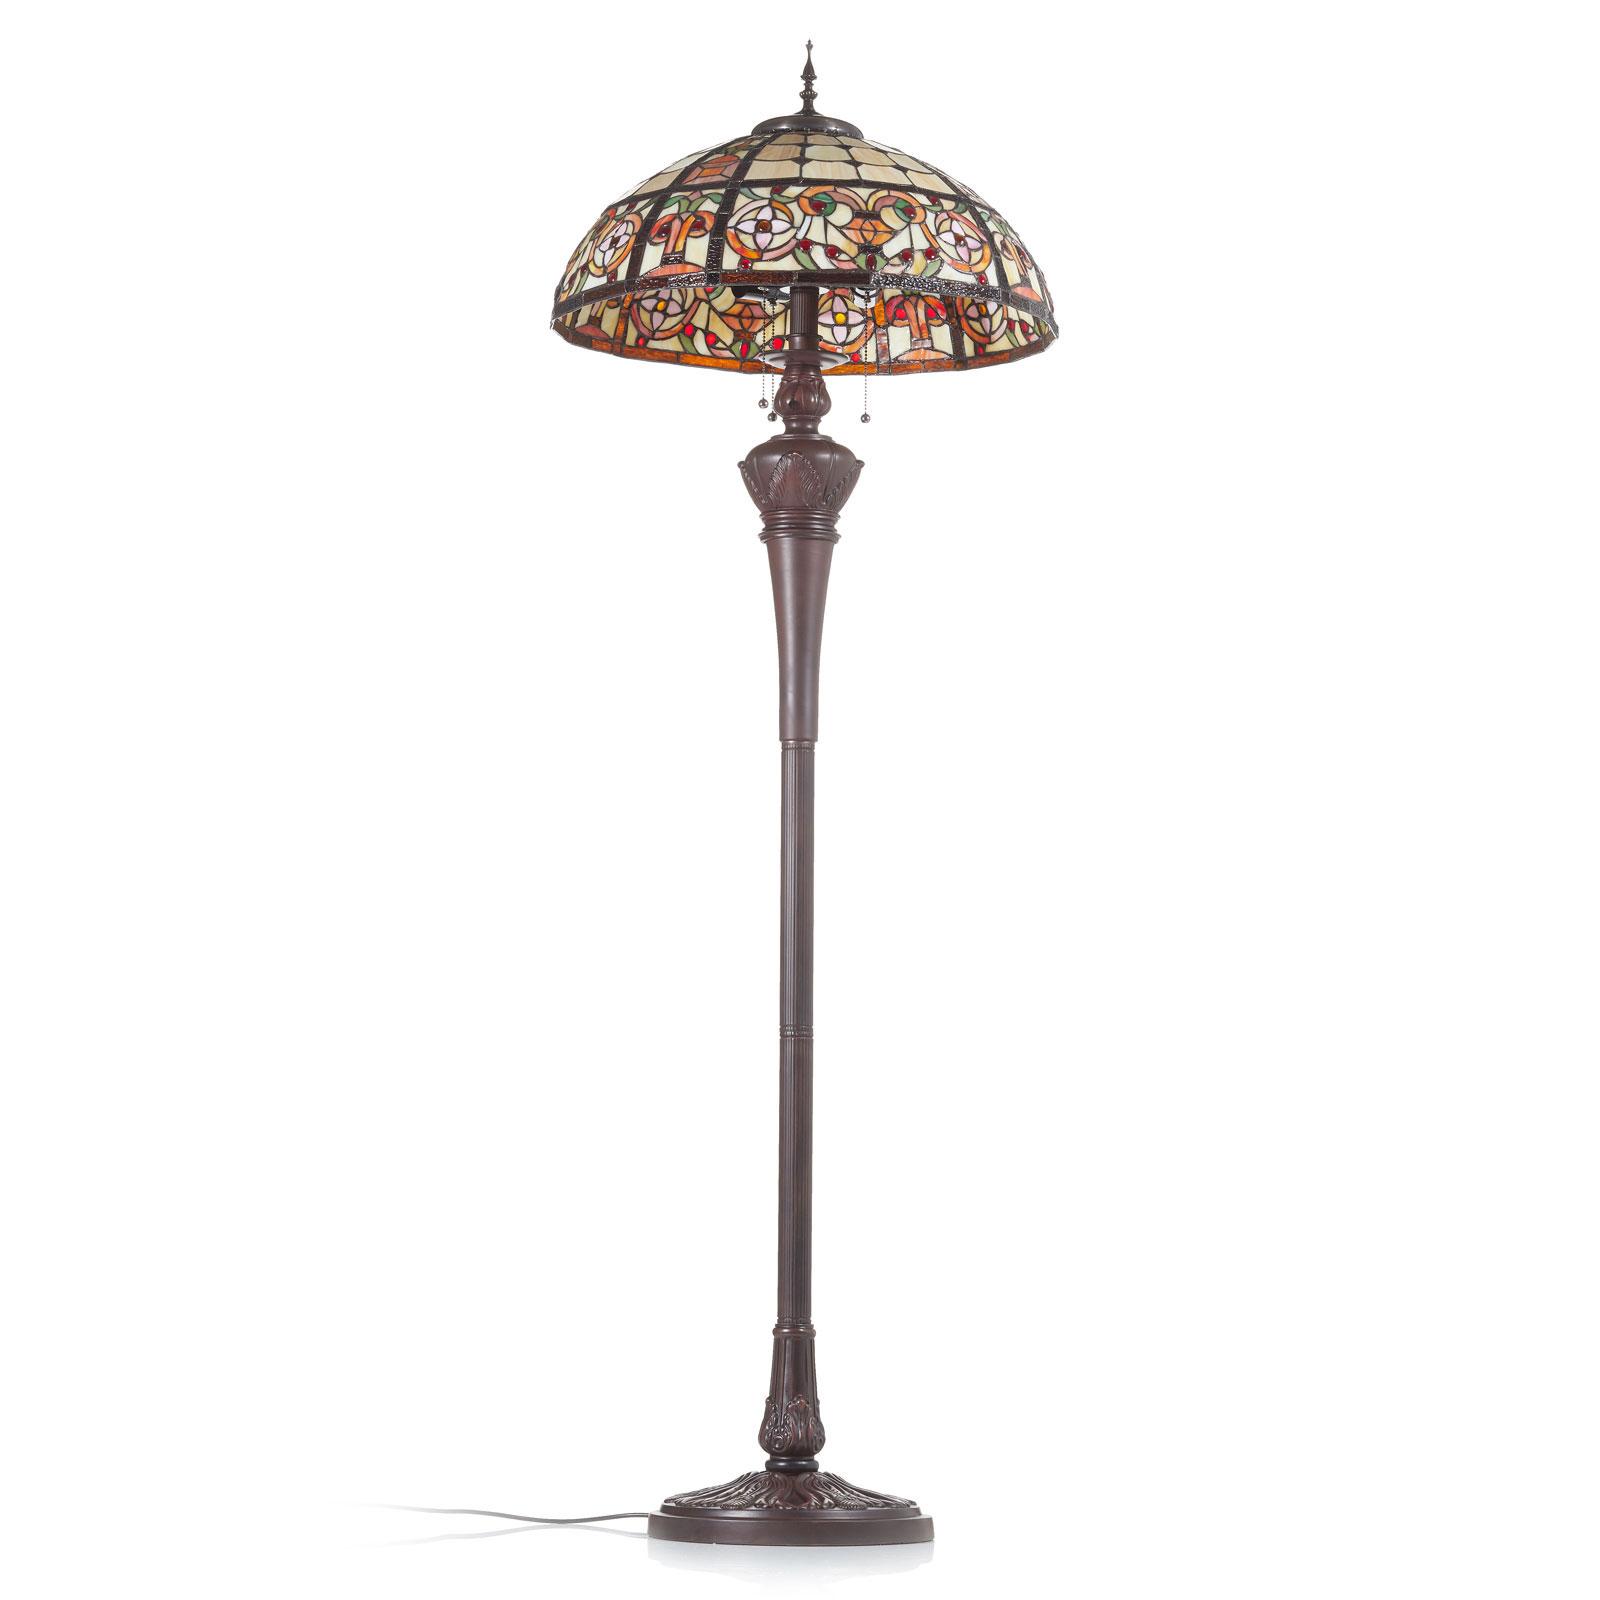 Luksusowa lampa stojąca Lindsay w stylu Tiffany